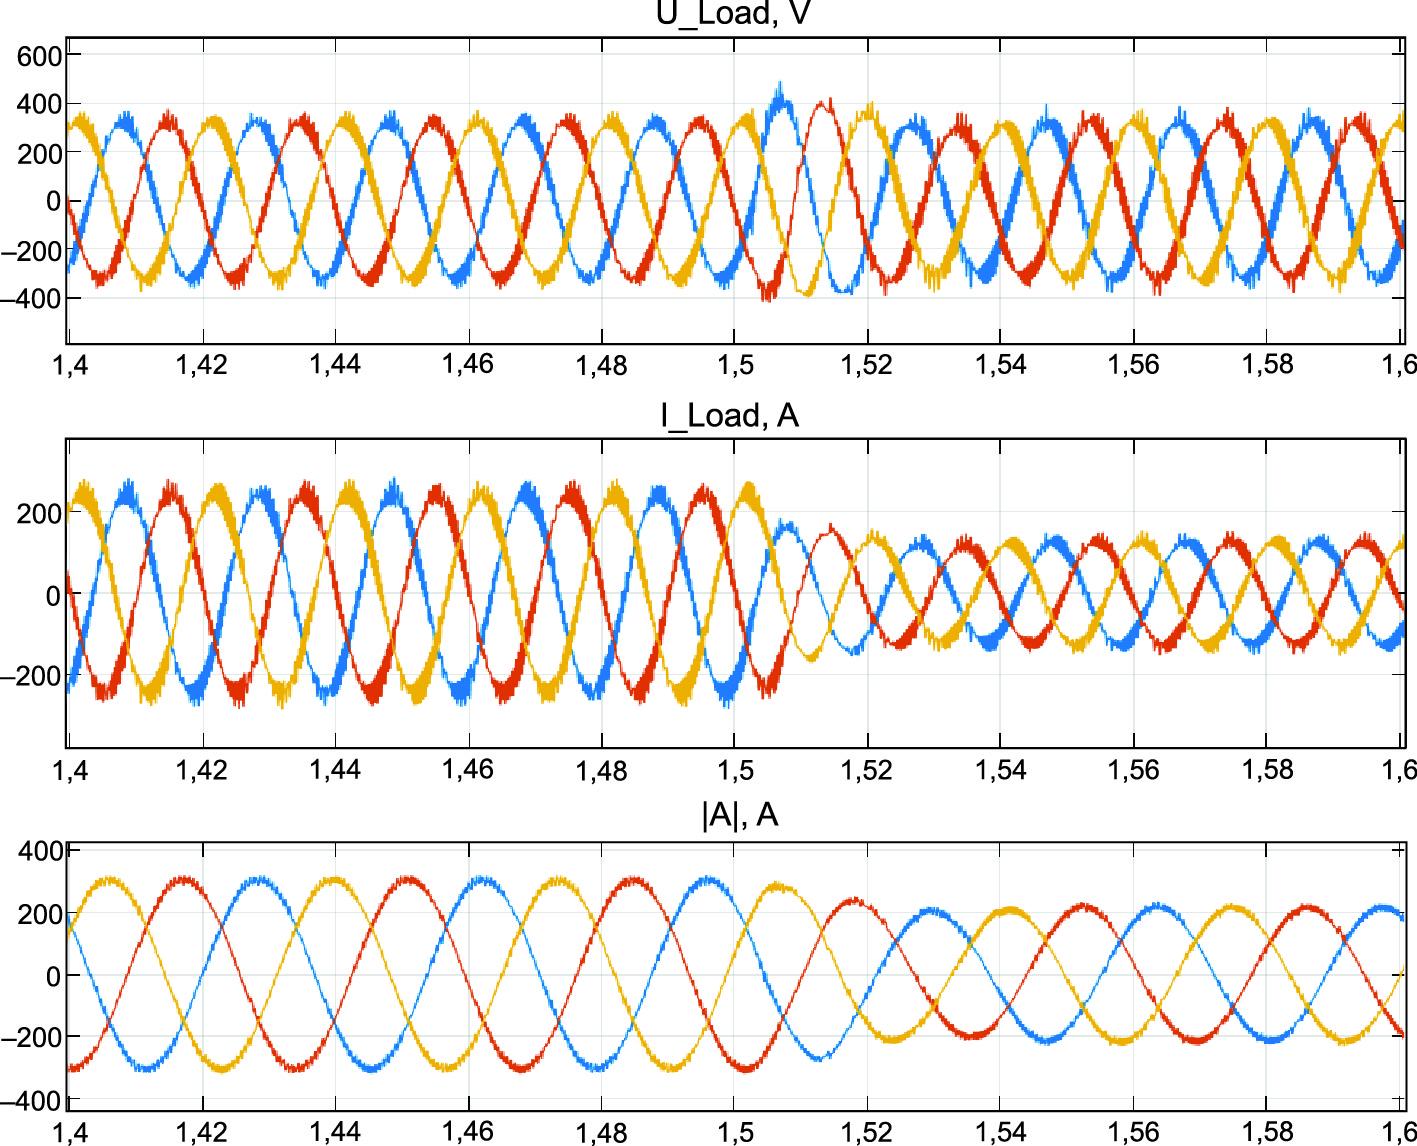 Электромагнитные процессы в гибридной генераторной установке с АМФР при постоянной скорости 250 рад/с и уменьшении нагрузки от 120 до 60 кВт